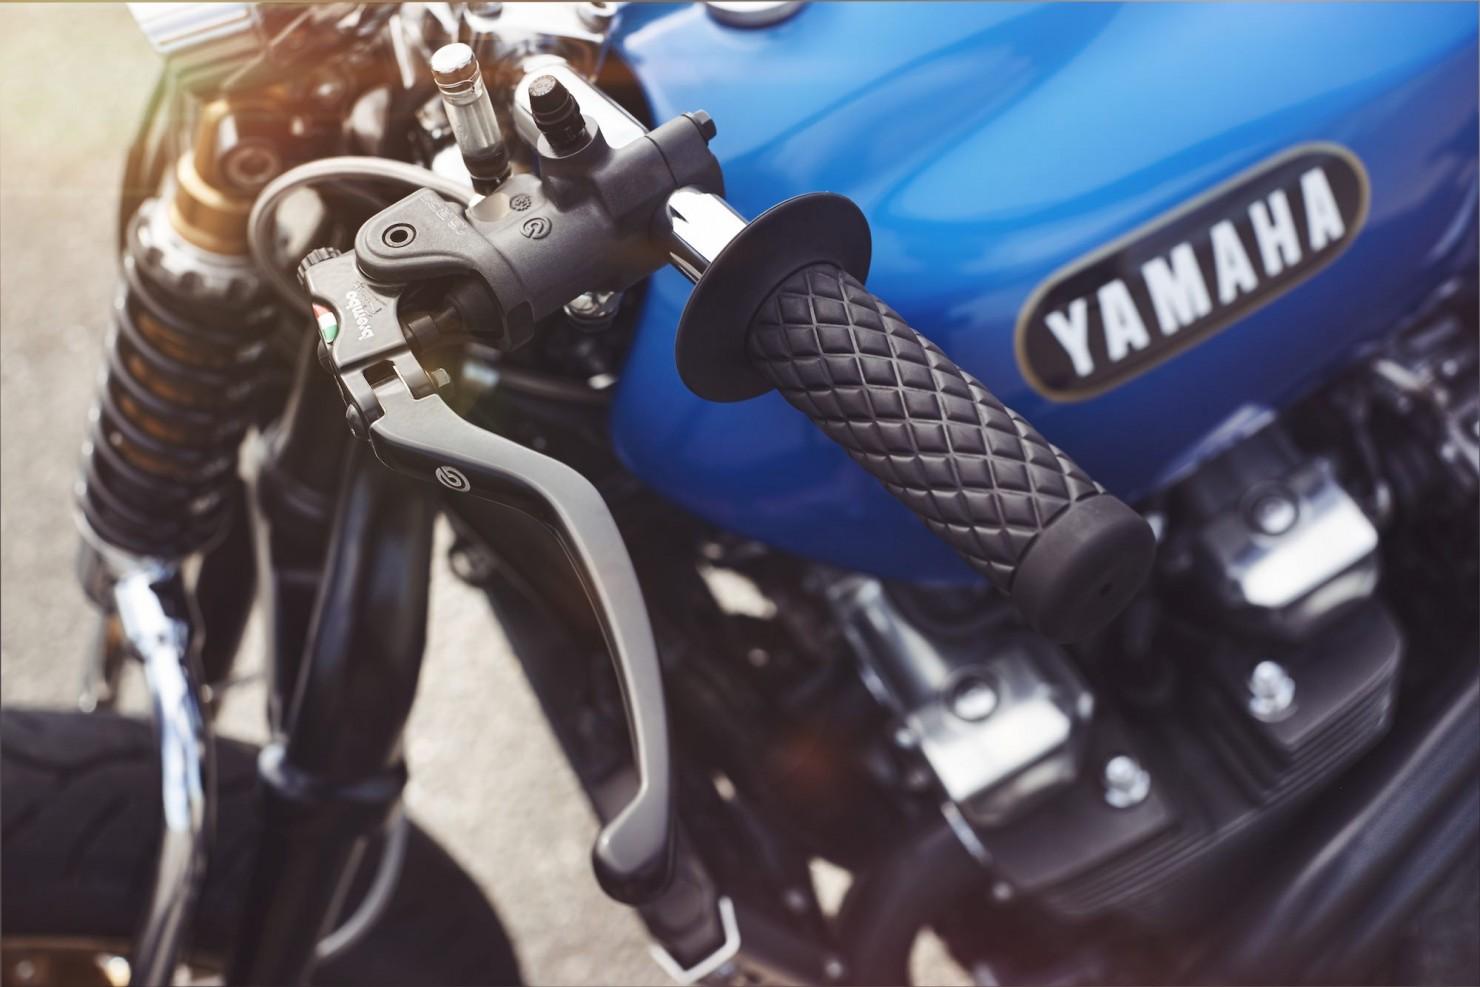 Yamaha XJR 1300 14